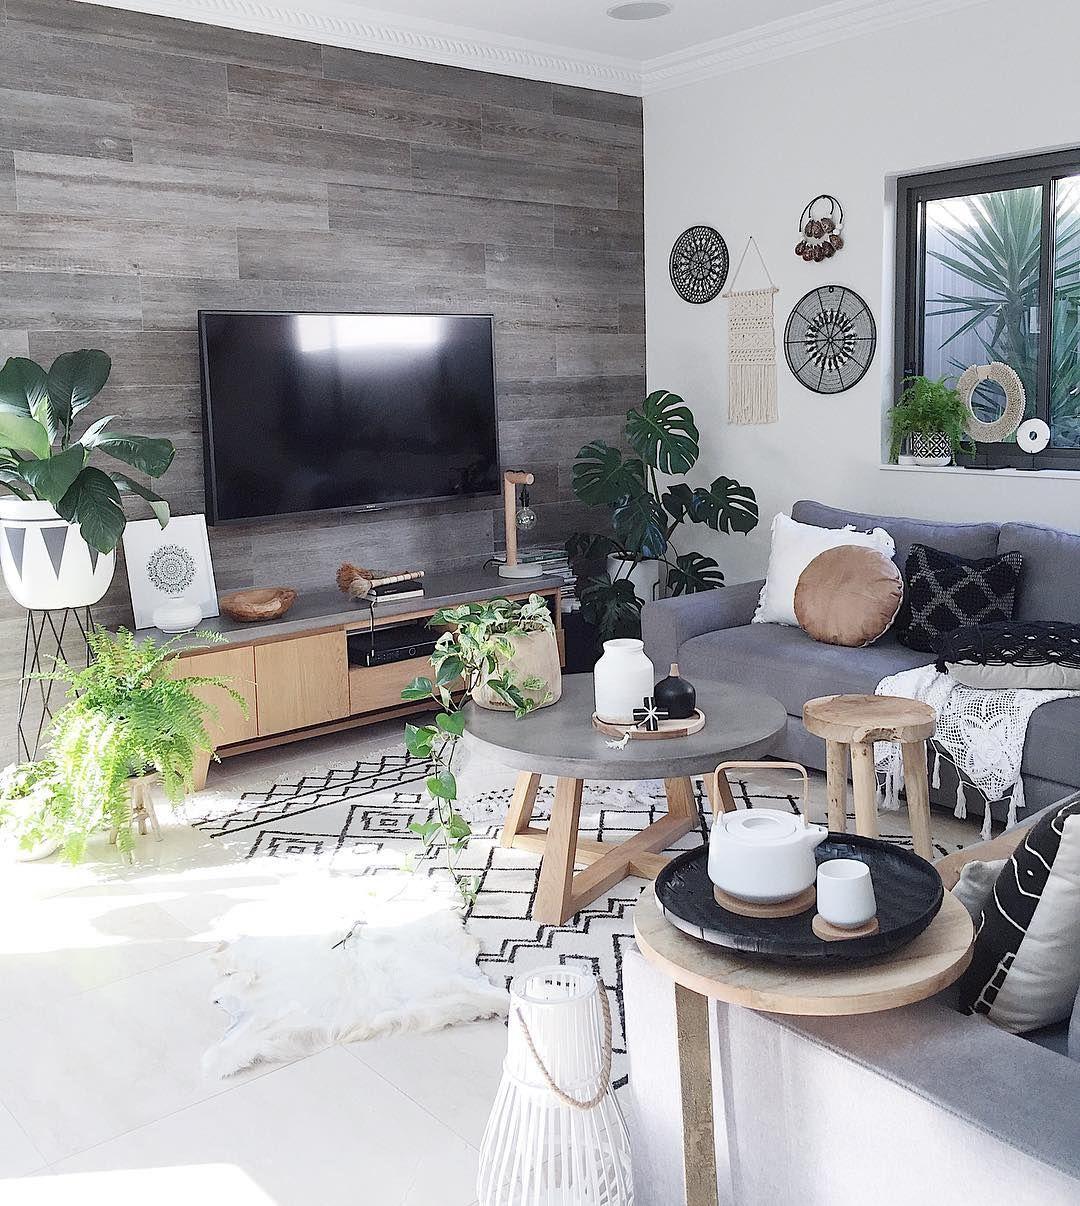 Desain Ruang Keluarga Lesehan Sederhana Check More At Http